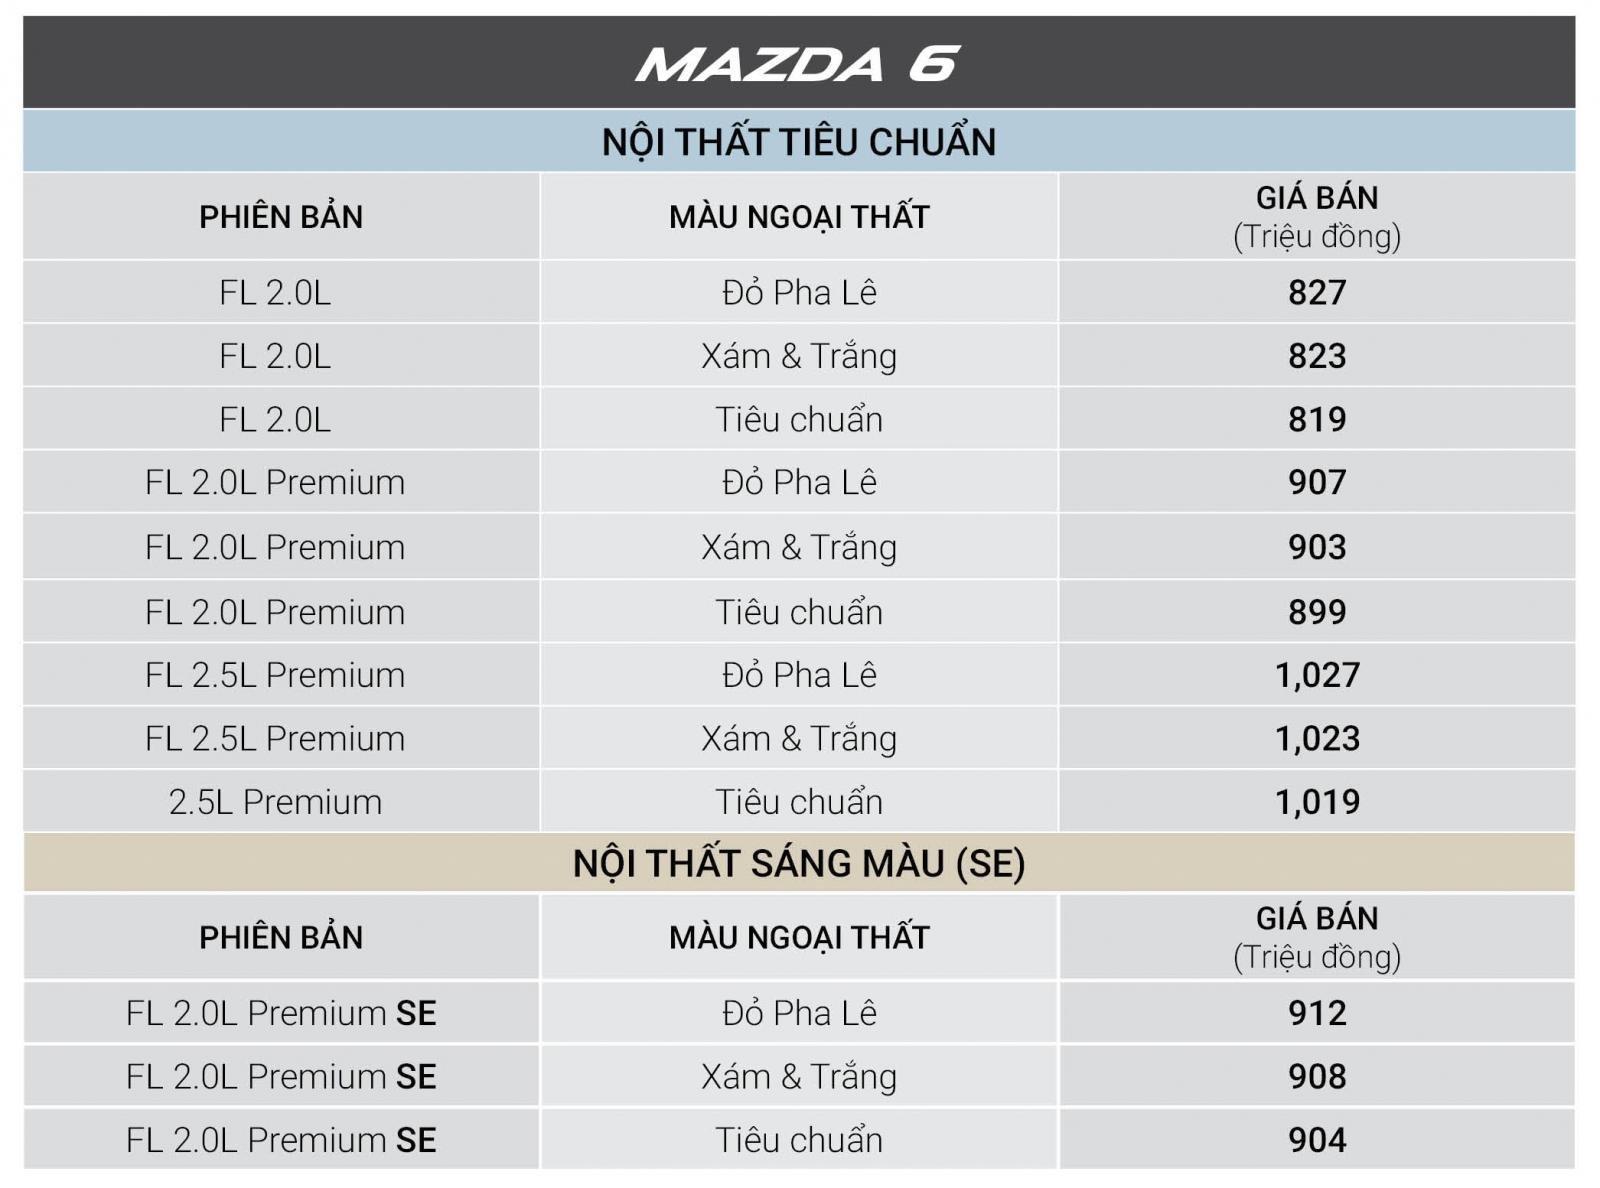 Tháng 12/2018, tất cả xe Mazda được giảm giá cao nhất đến 30 triệu đồng a4